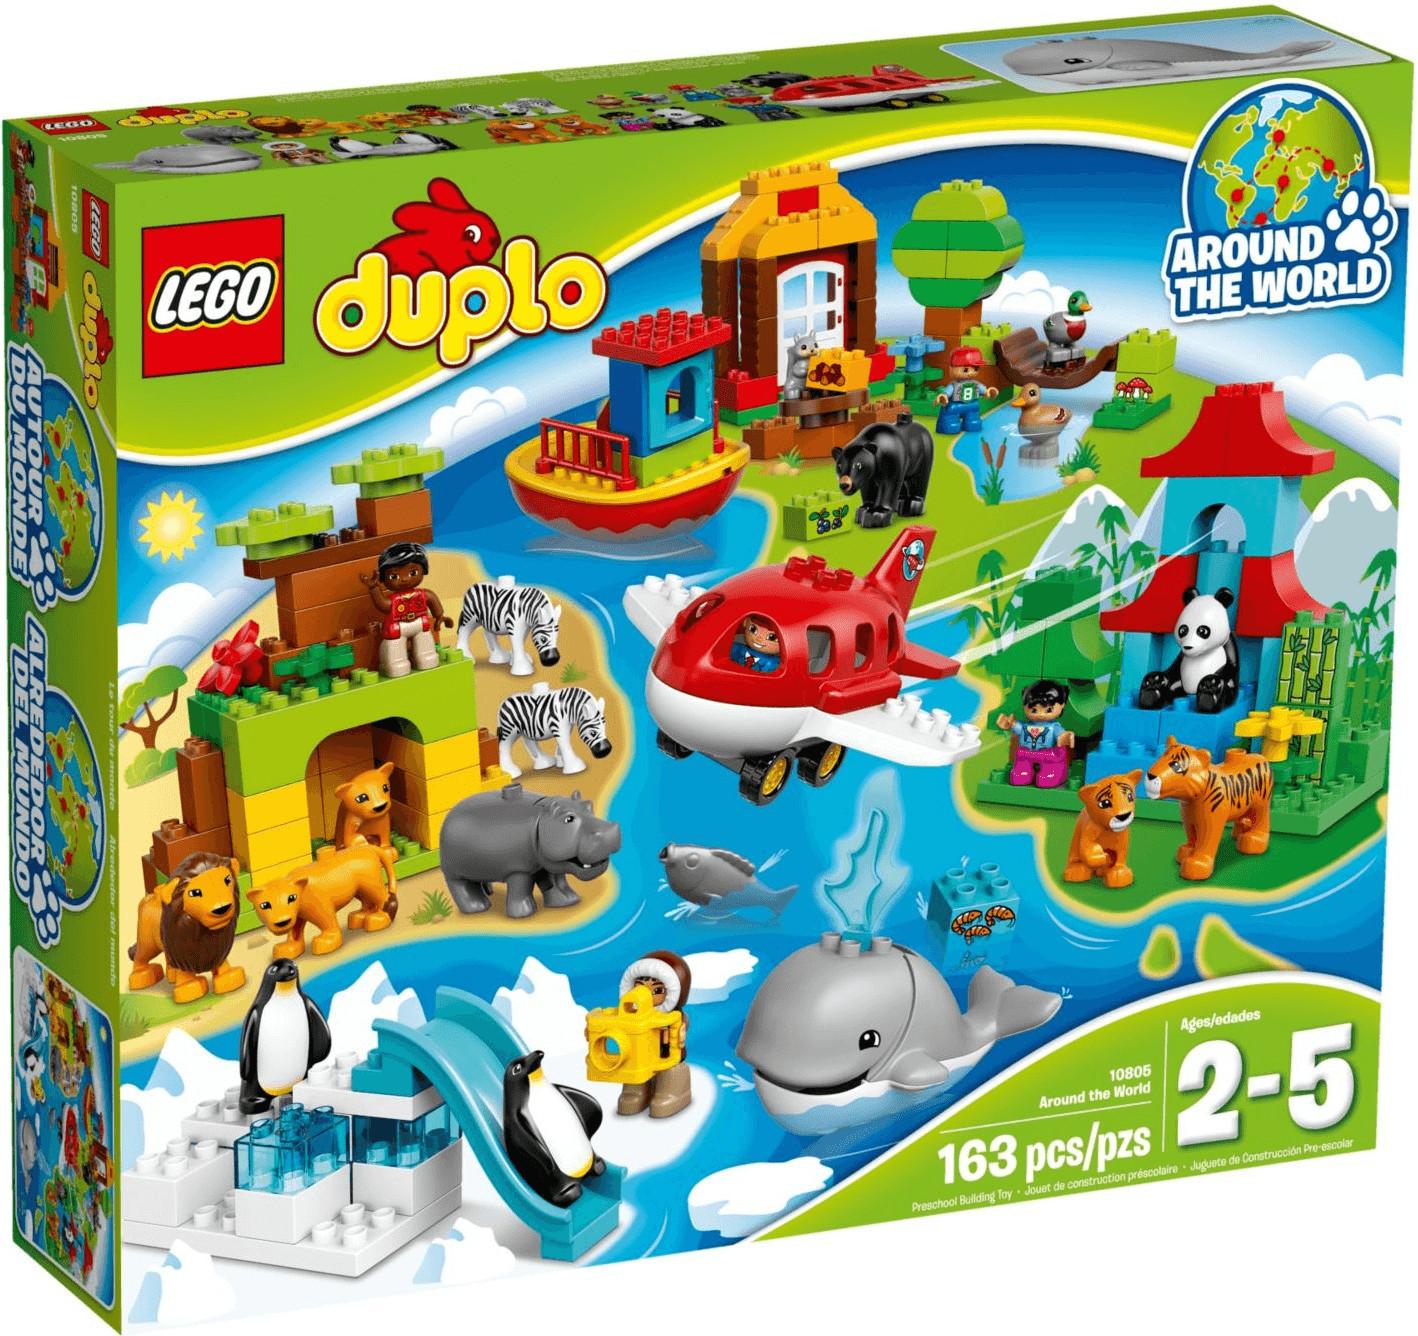 LEGO Duplo - Alrededor del mundo (10805)